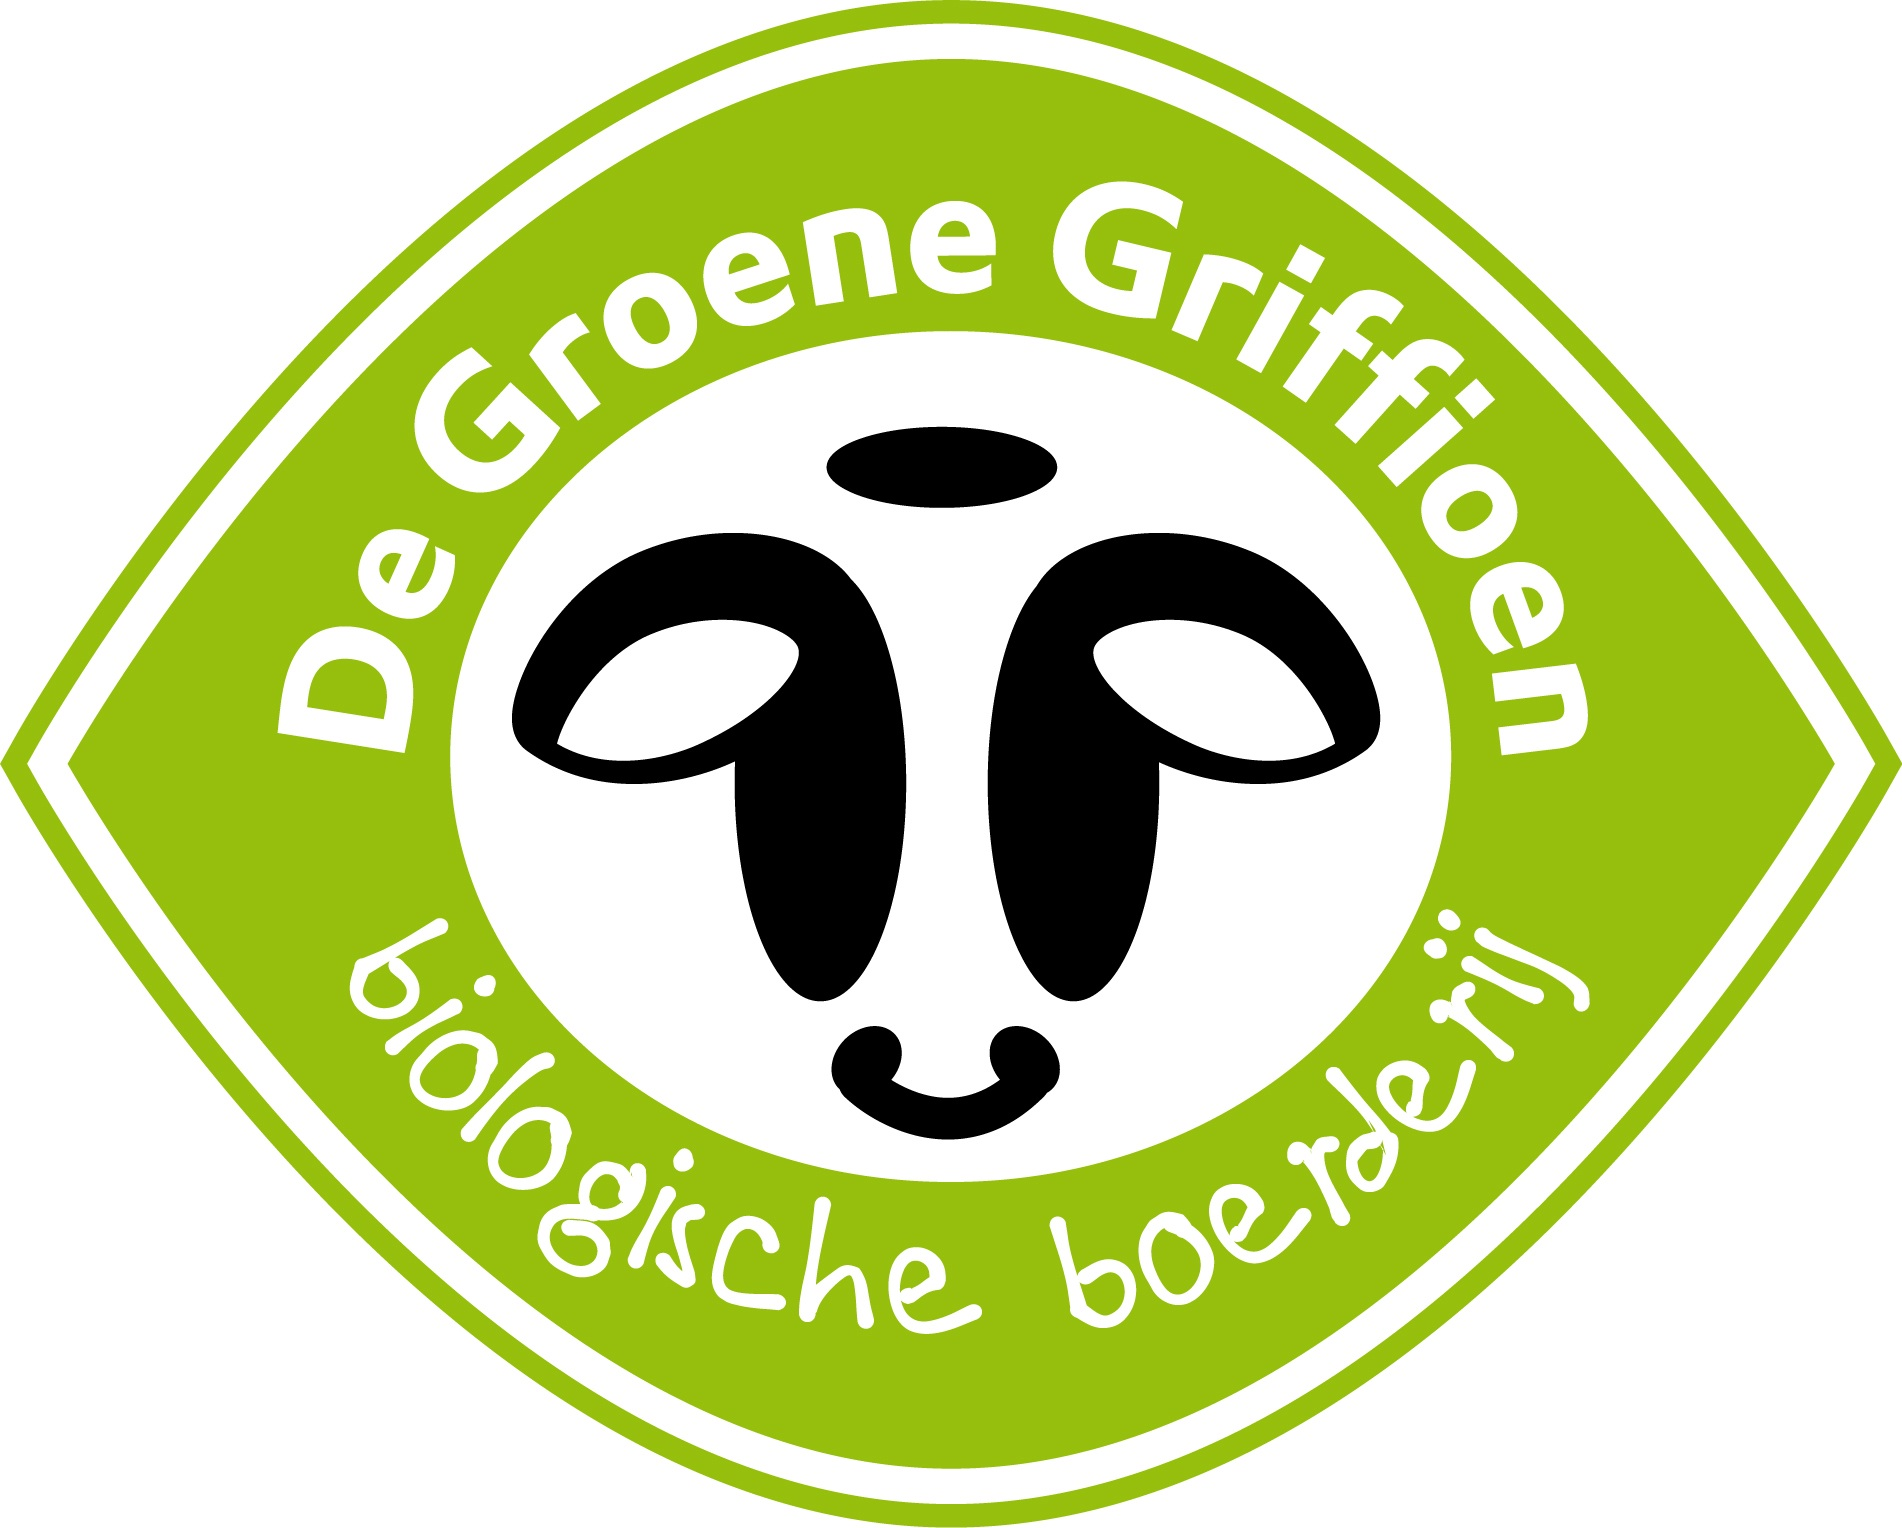 De Groene Griffioen